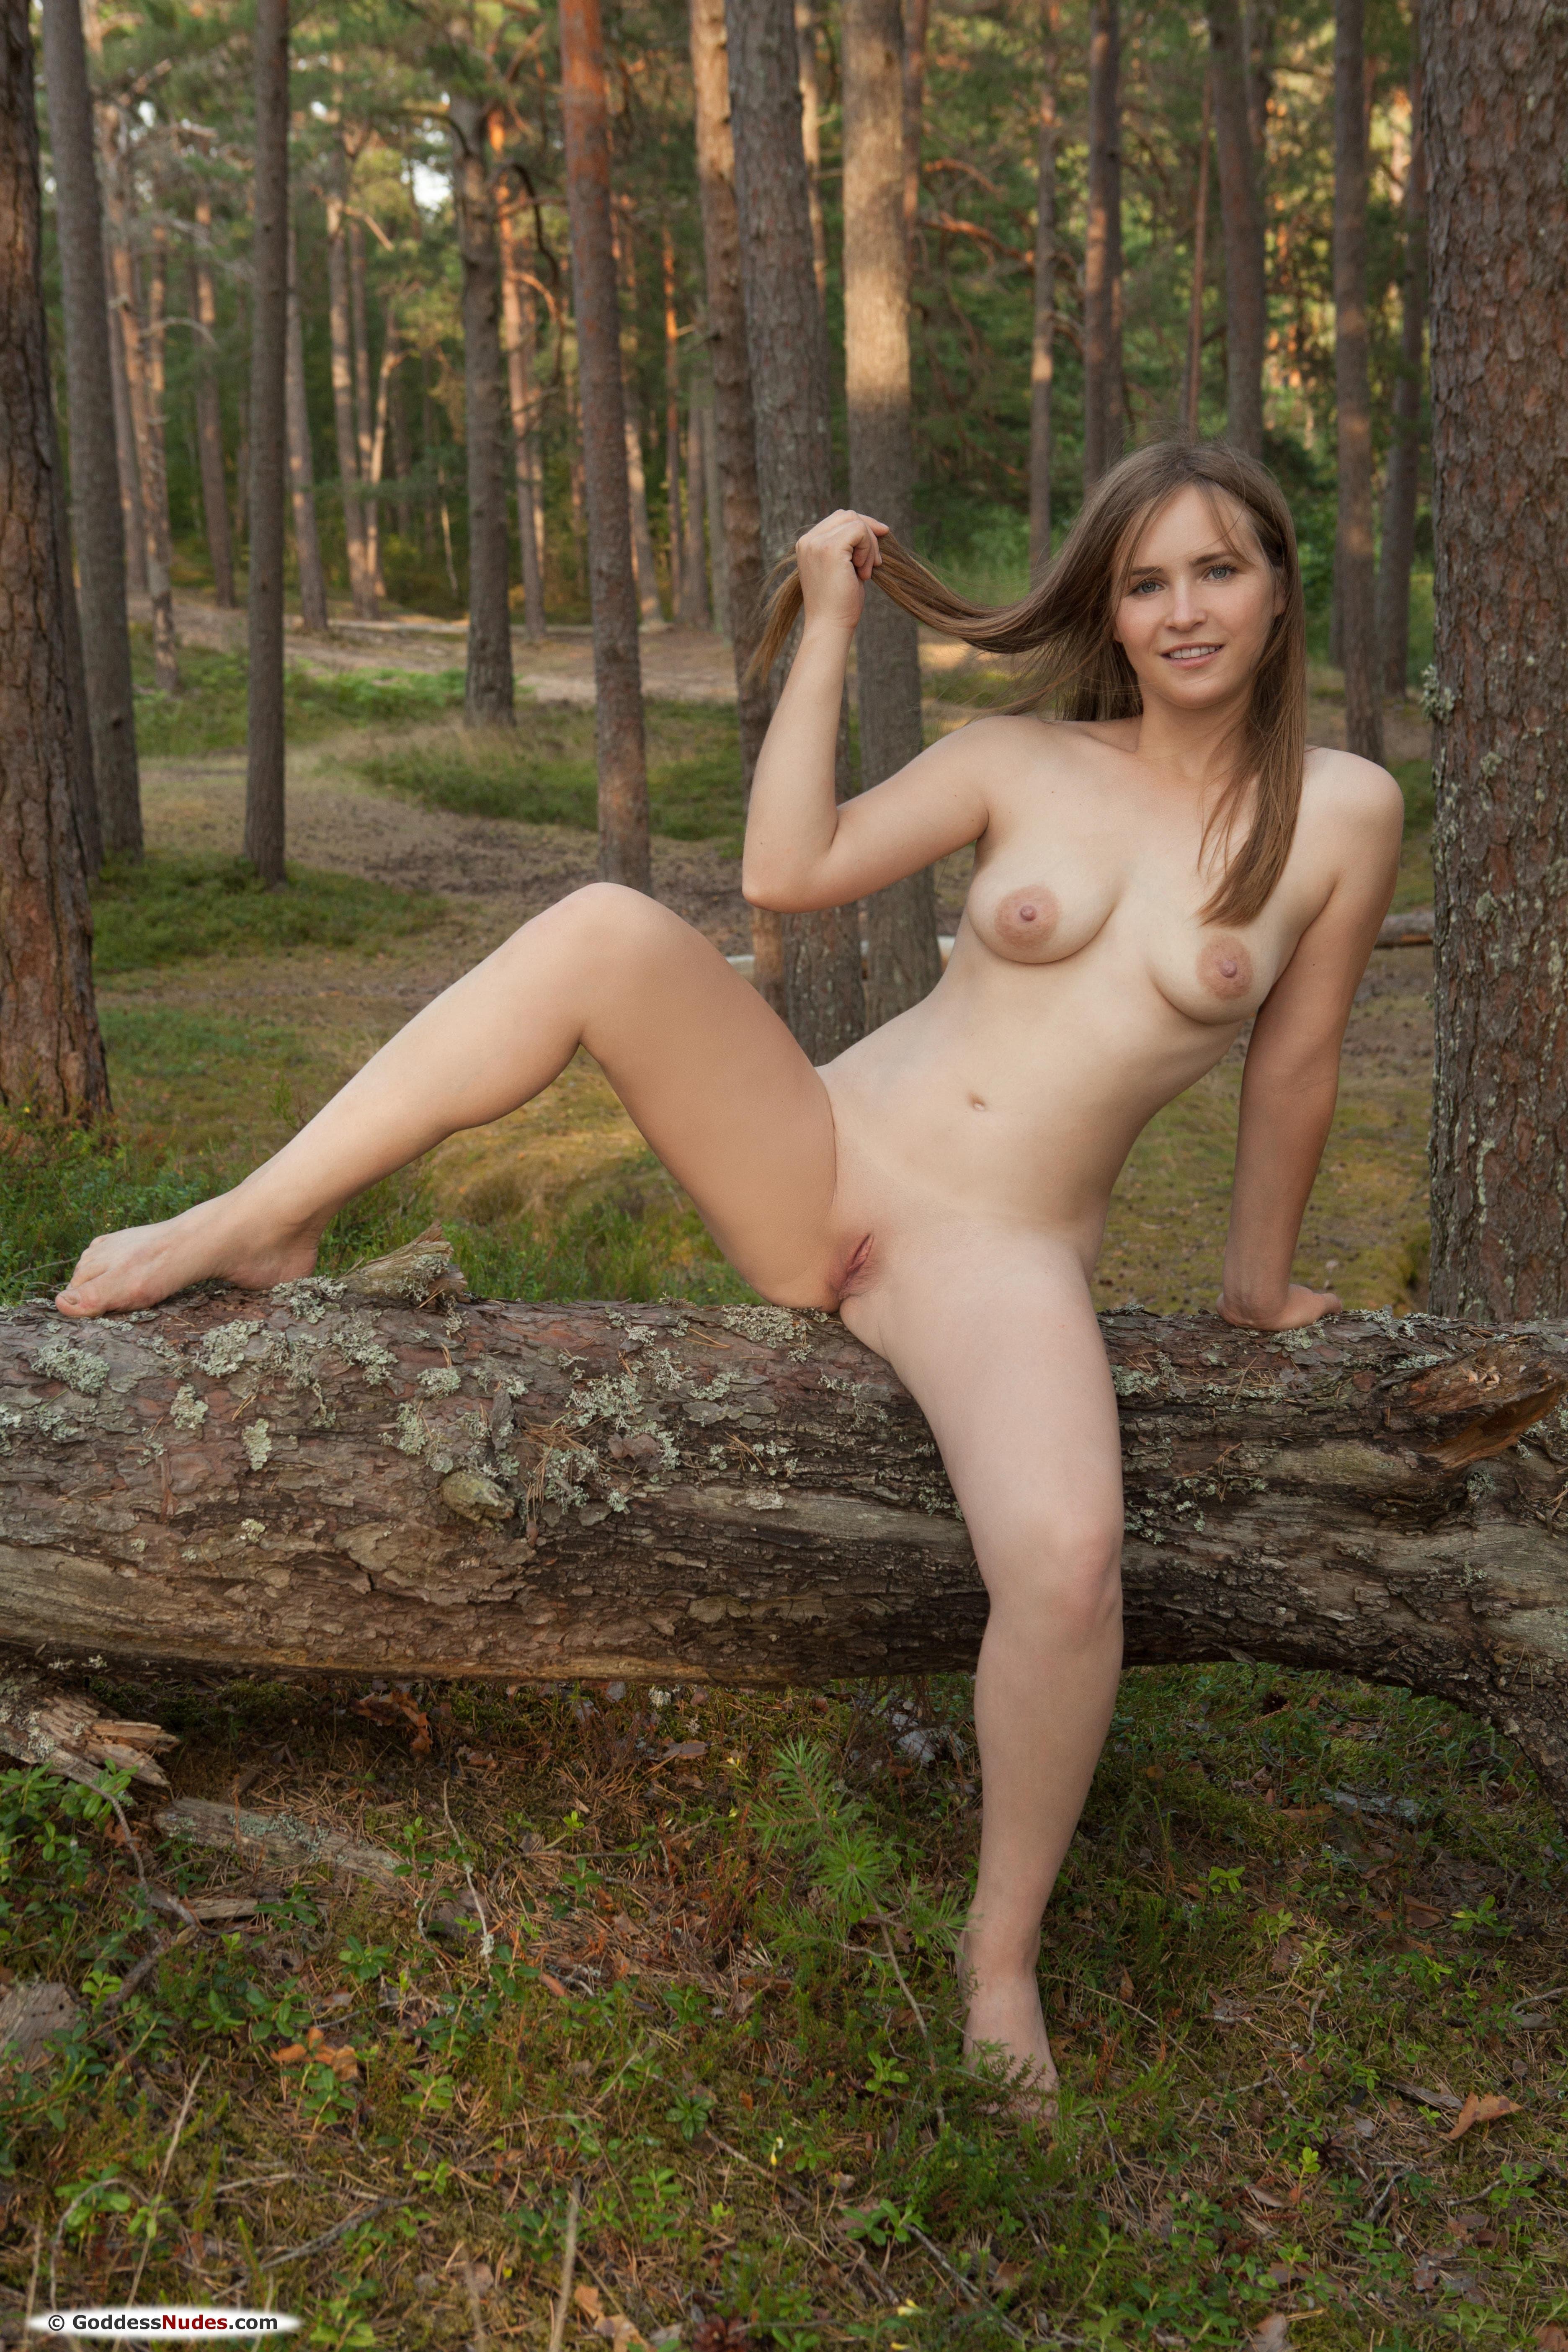 Молодая милашка с маленькой грудью голая  - фото